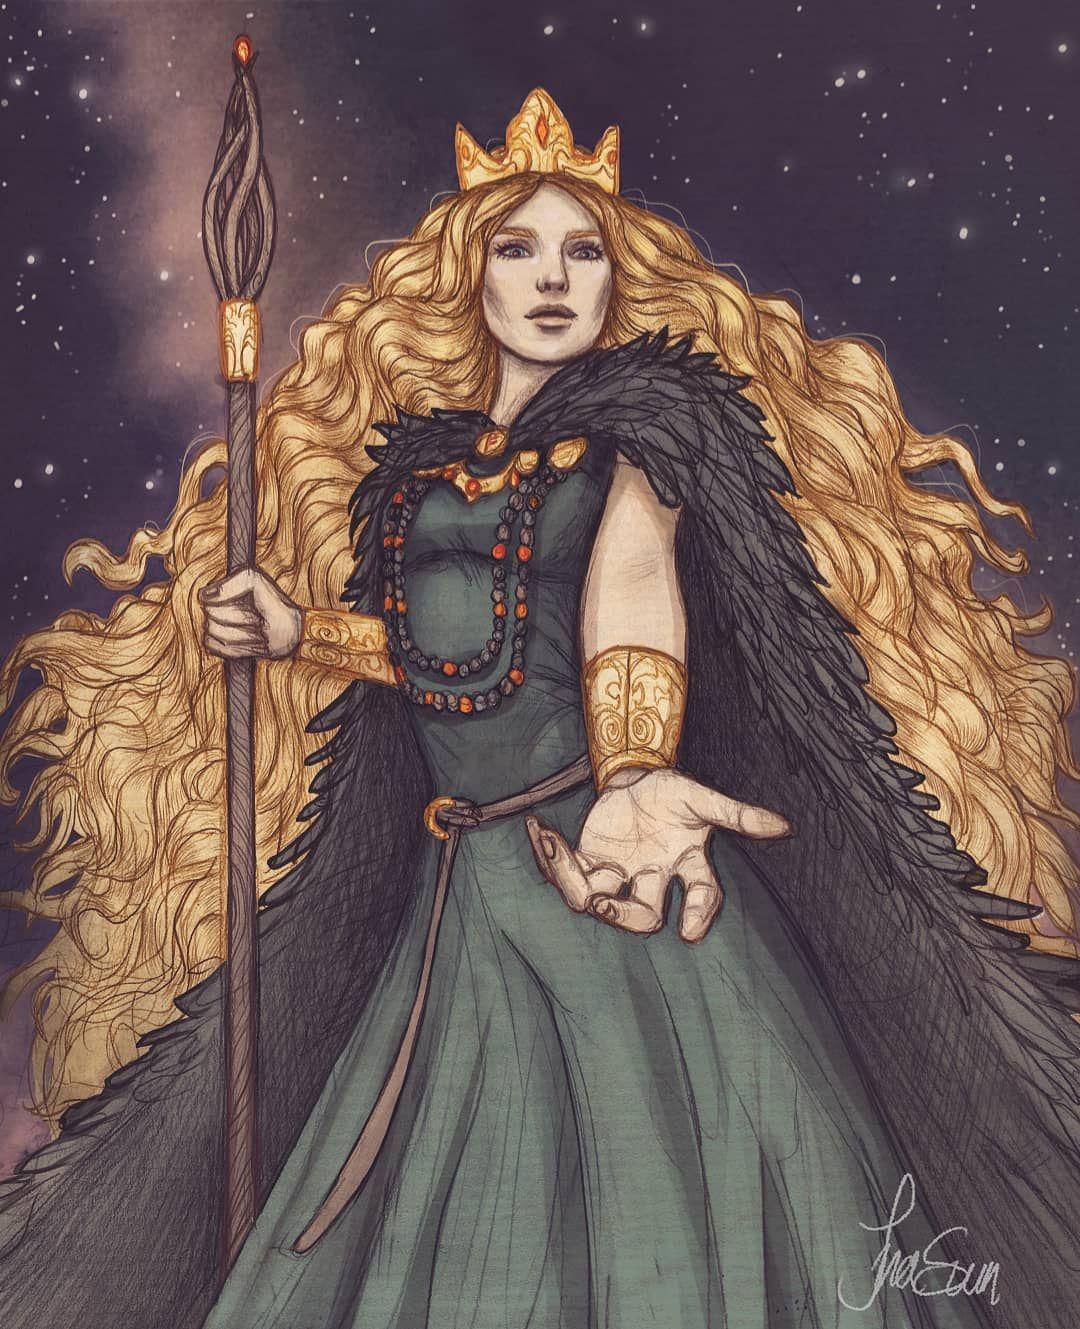 Par Freyja je vous souhaite la bienvenue! Abedd0706a19668e564fb61ce31451df